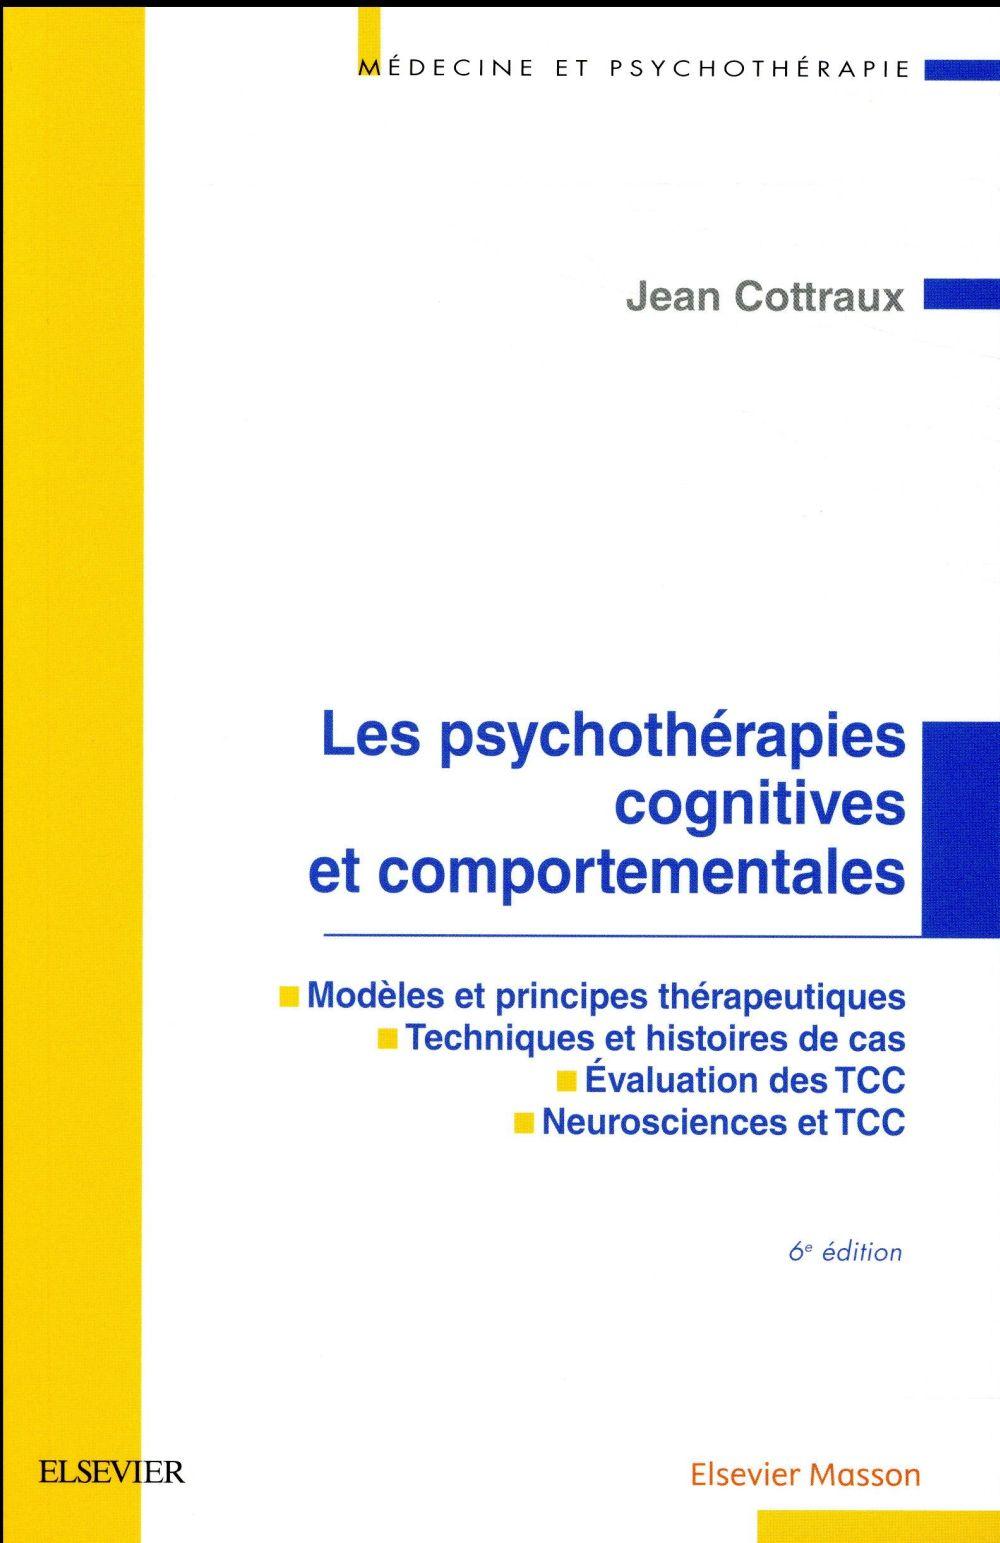 Les Psychotherapies Comportementales Et Cognitives